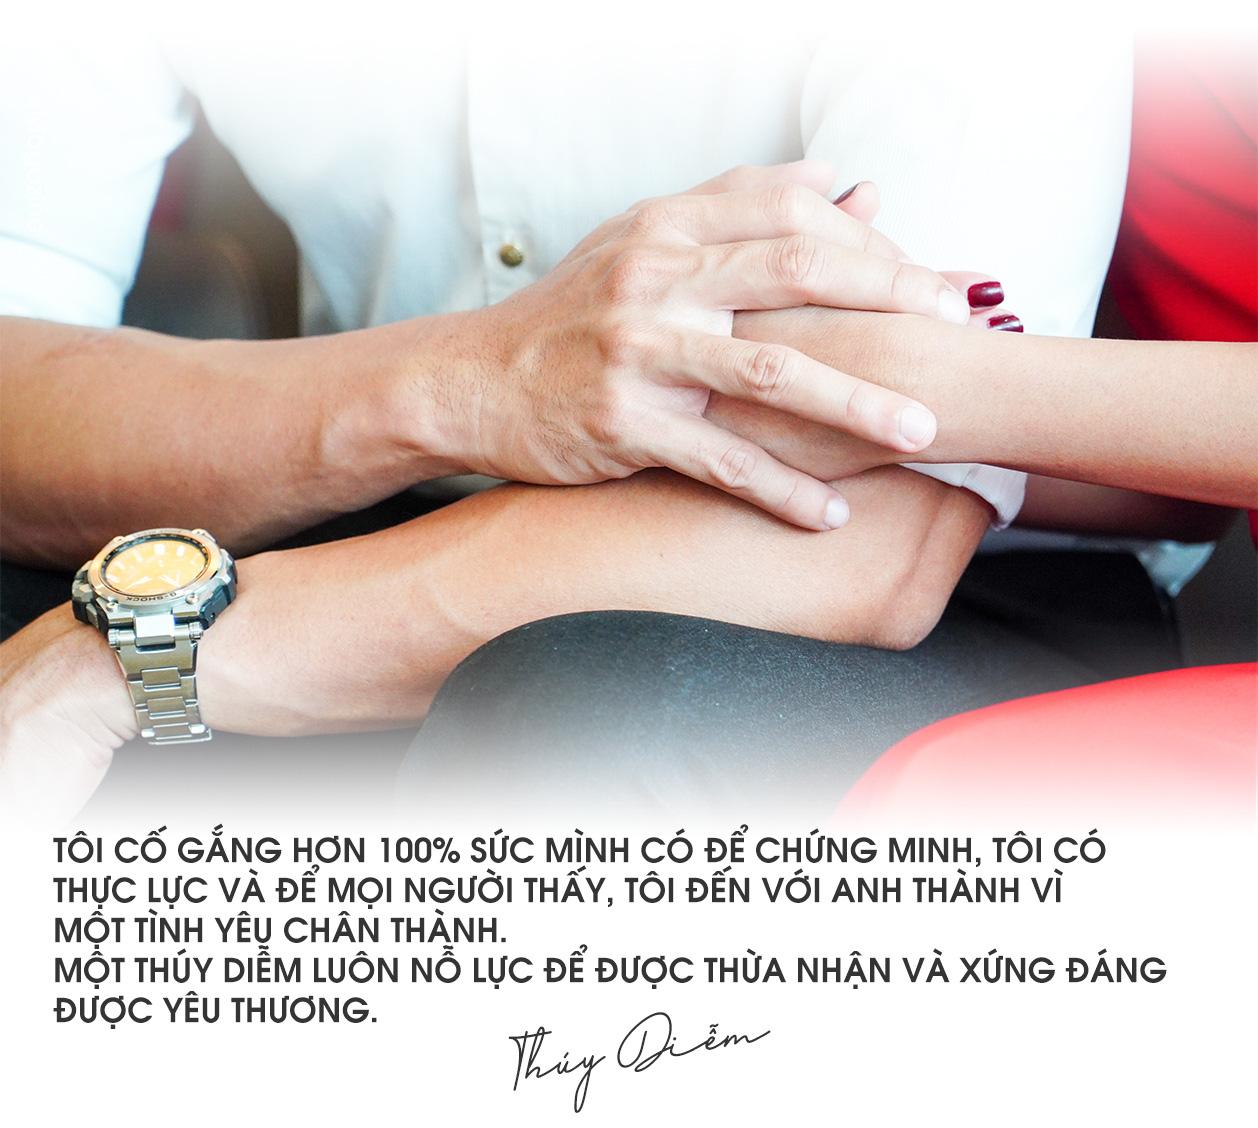 [eMagazine] Cặp đôi Lương Thế Thành - Thúy Diễm mạnh miệng...  tố nhau - Ảnh 7.